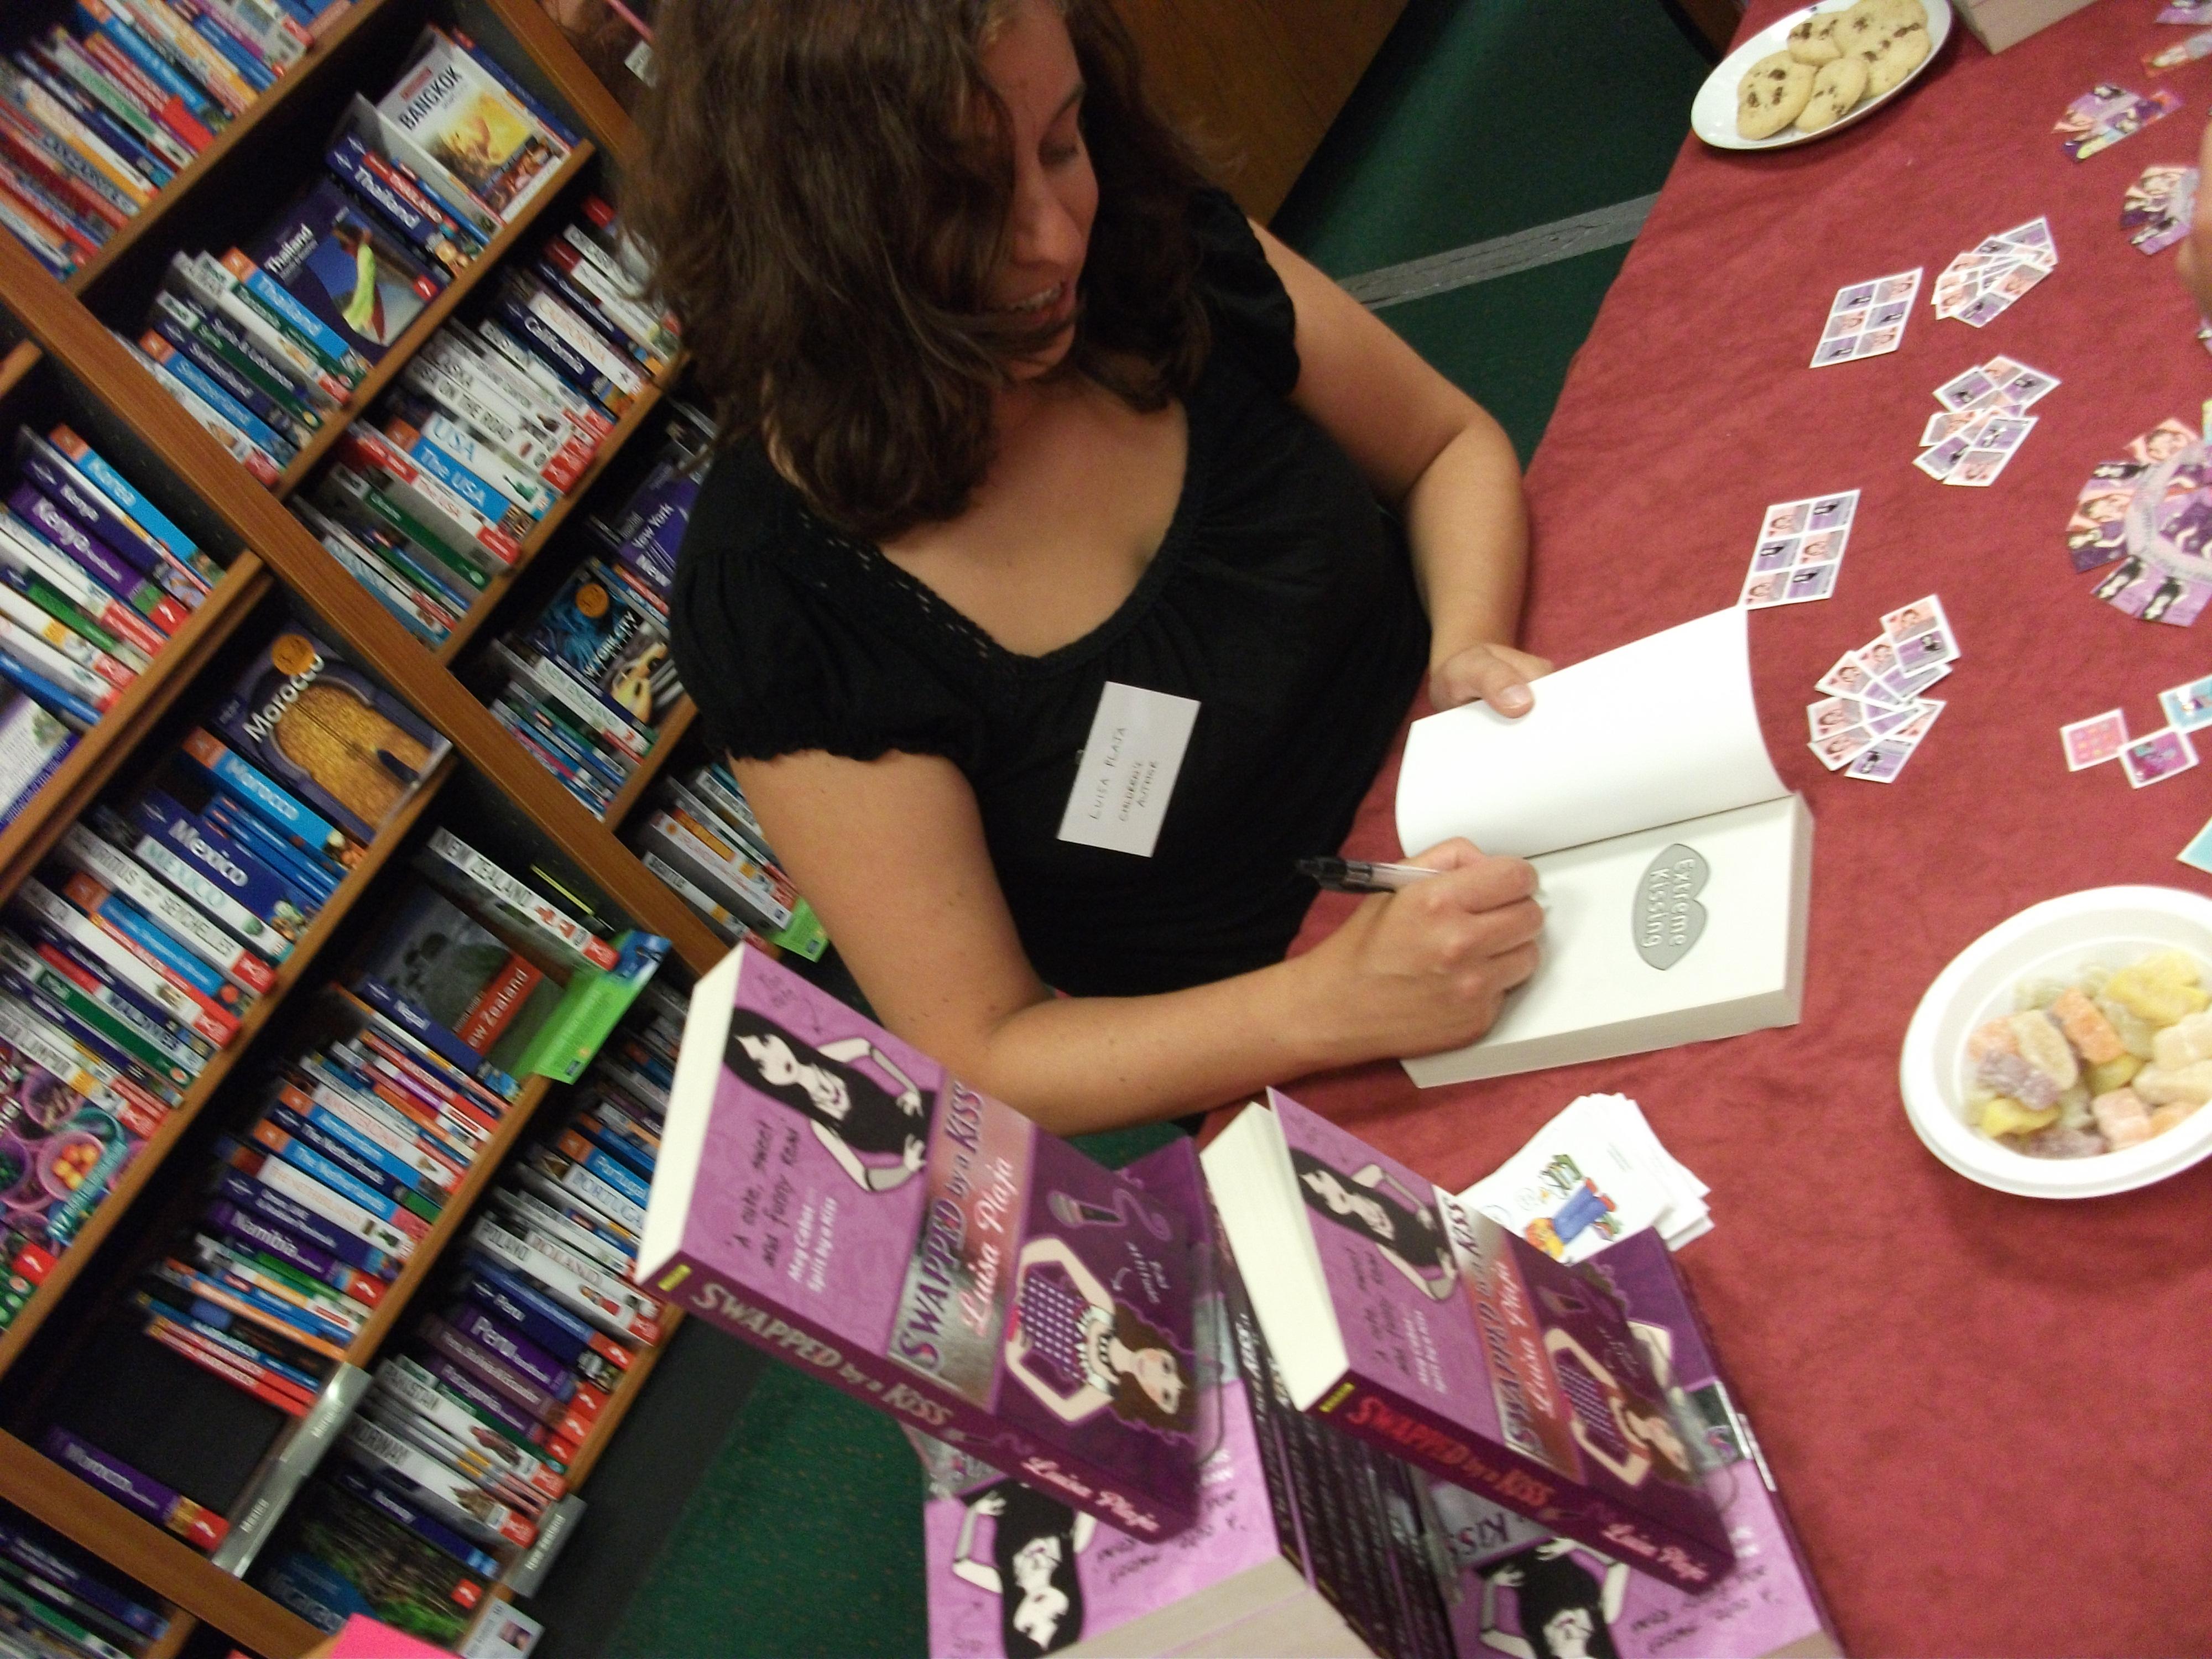 Luisa Plaja signing at Waterstone's